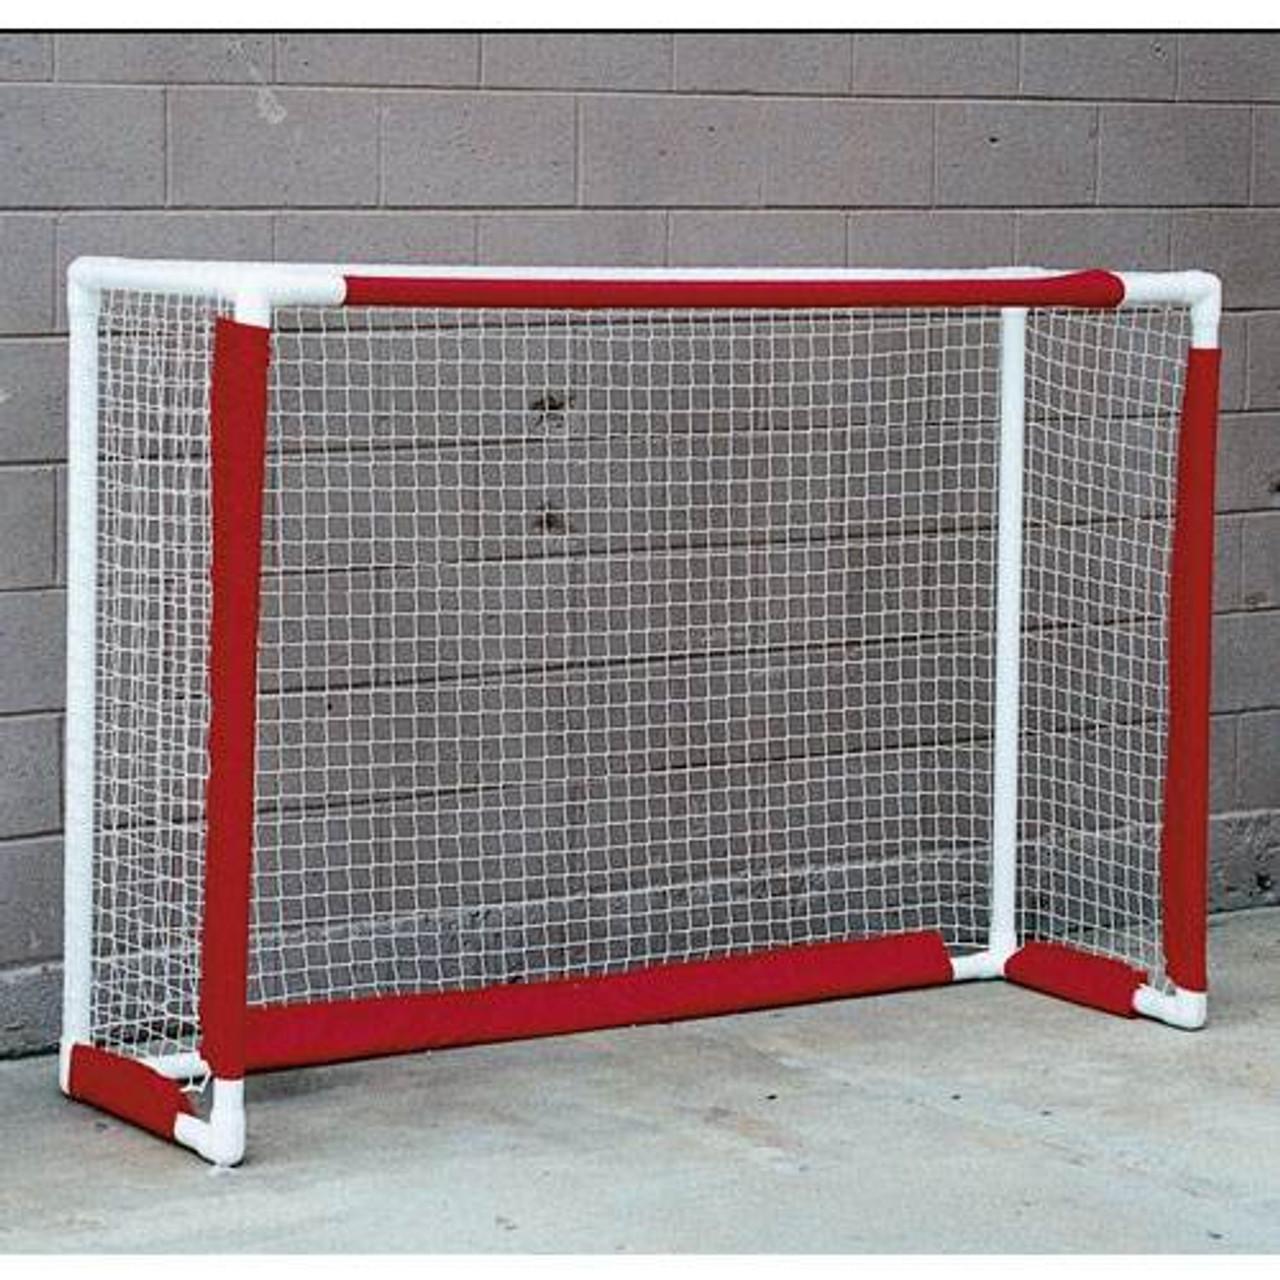 4 ft. x 6 ft. Combo Soccer/Hockey Goal